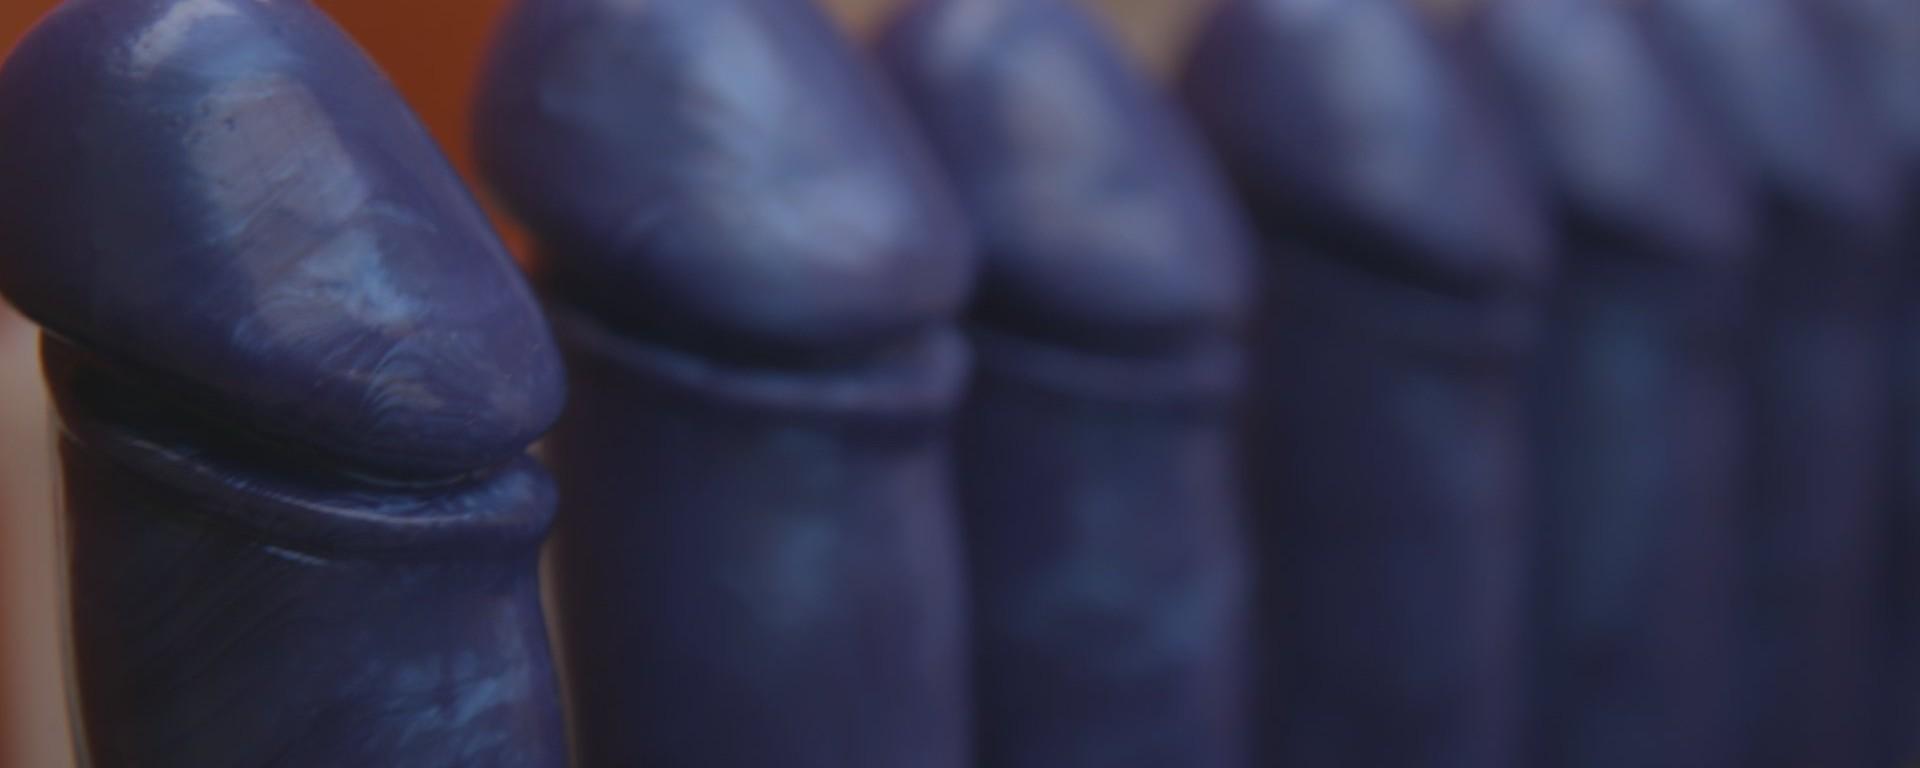 a fost și nu a existat nicio erecție dimineața ce trebuie să facă o fată cu un penis